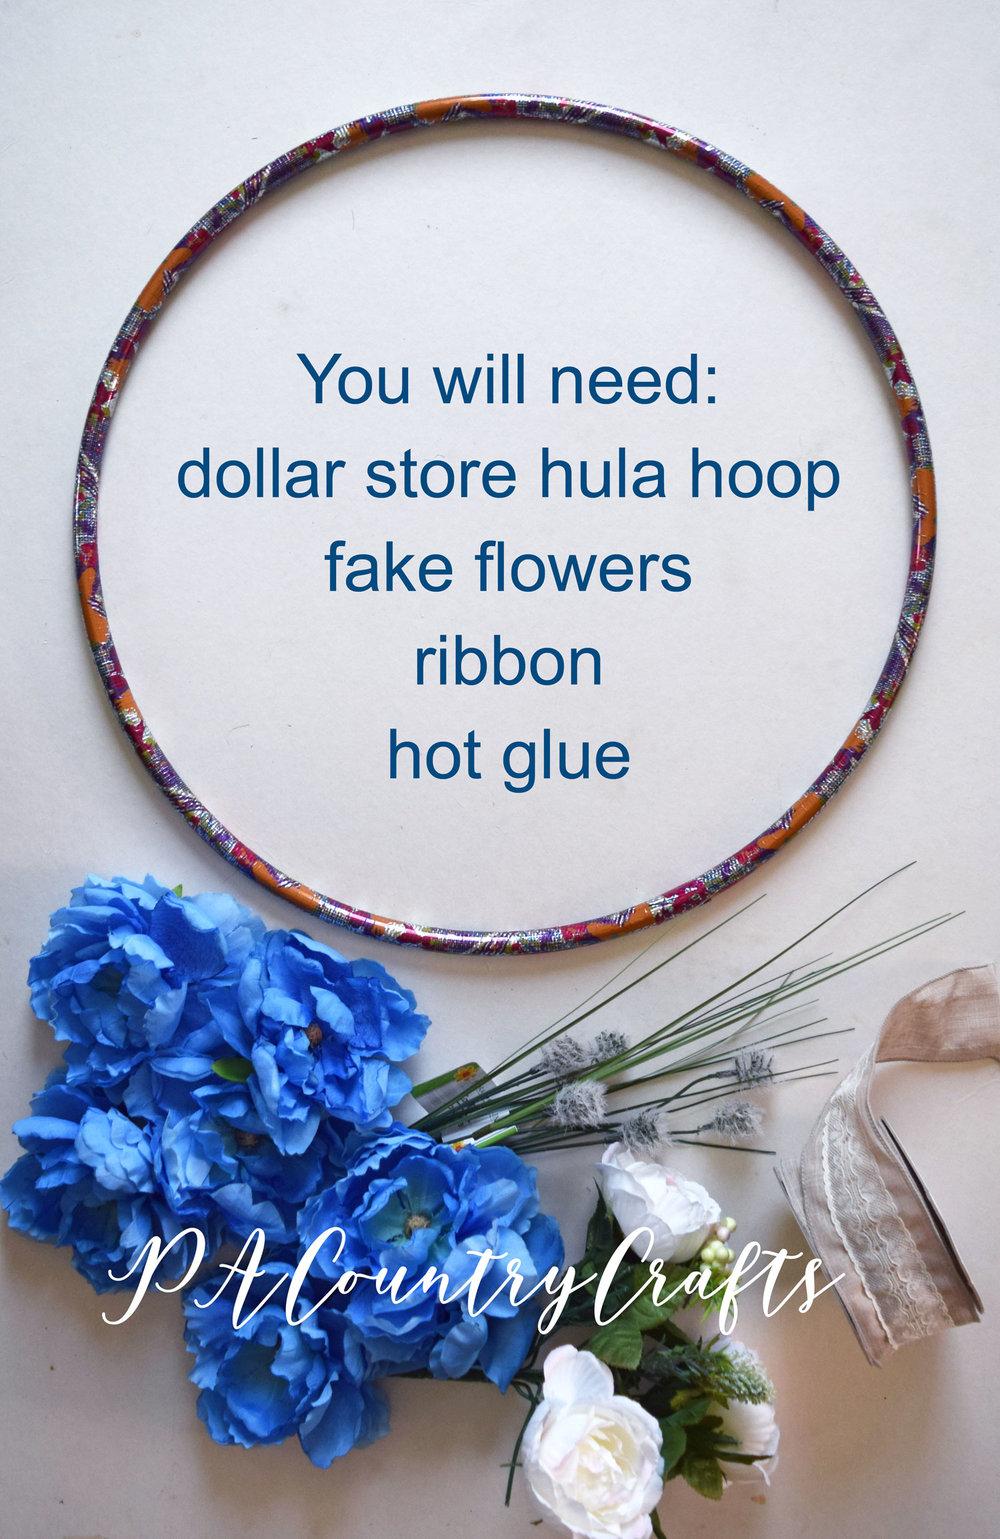 Dollar Store Hula Hoop Spring Wreath Tutorial